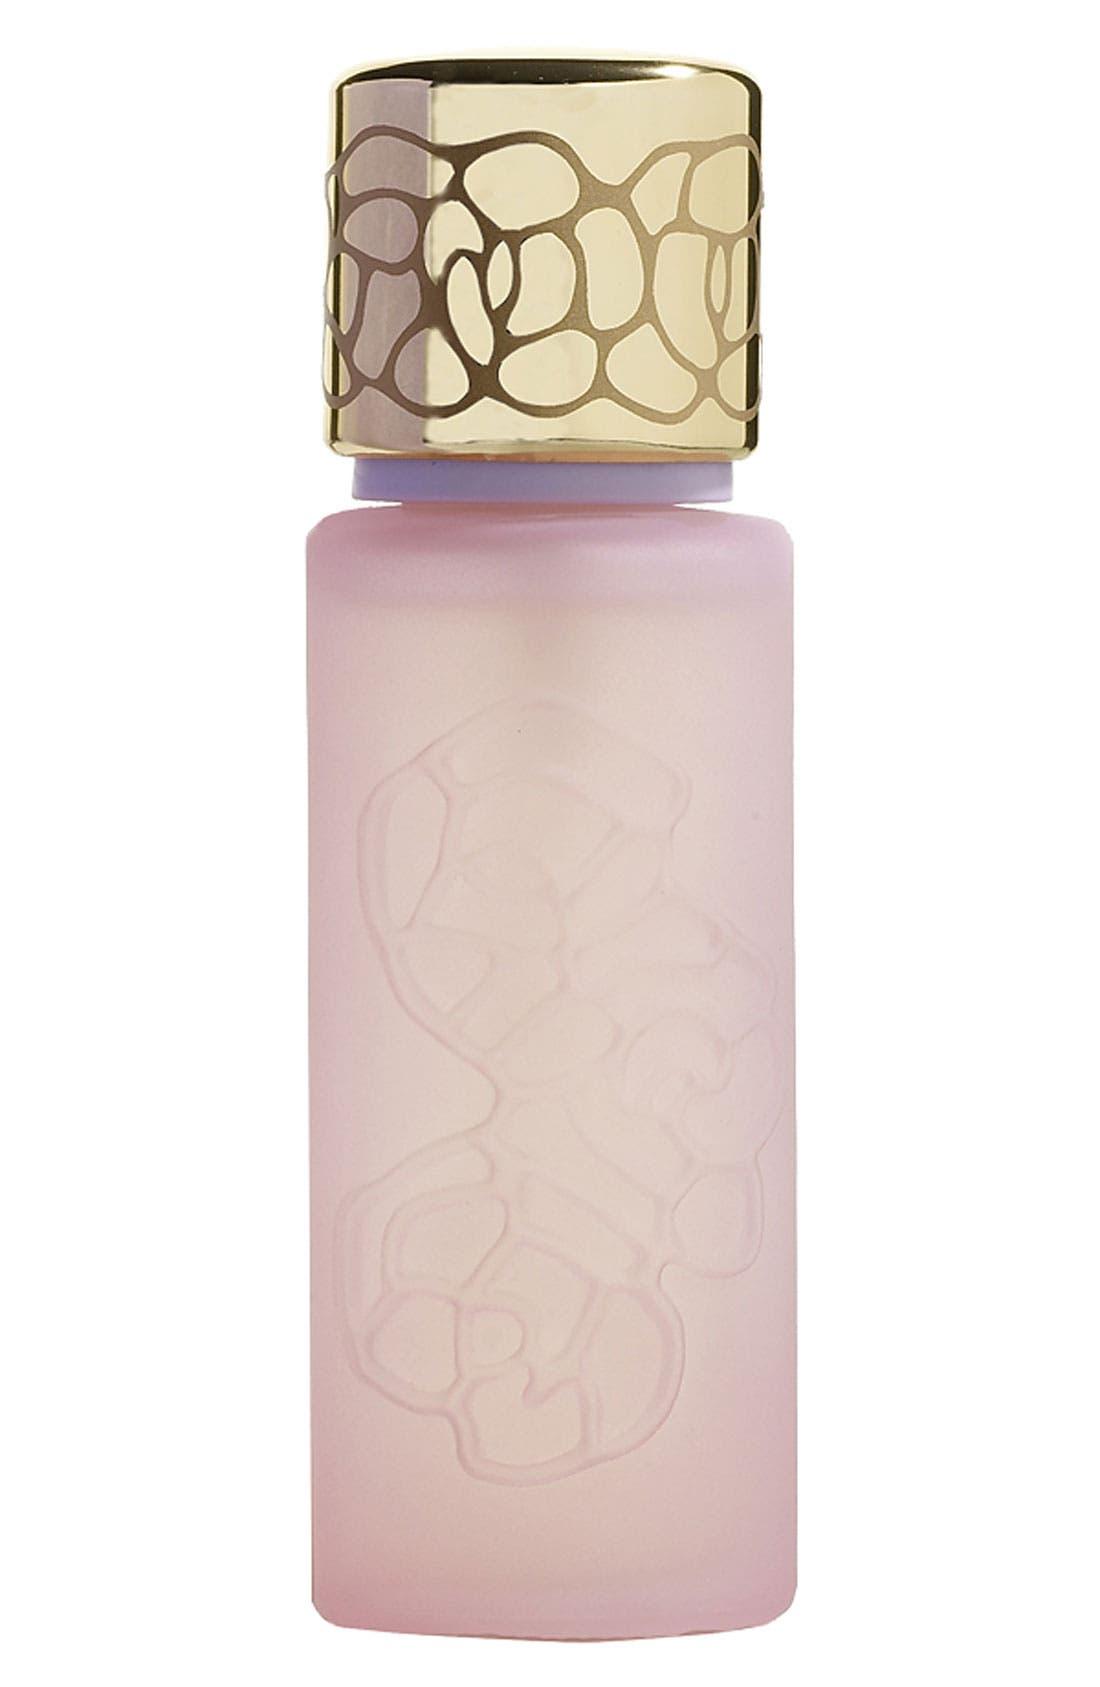 Houbigant Paris Quelques Fleurs 'Royale' Eau de Parfum,                         Main,                         color, 000